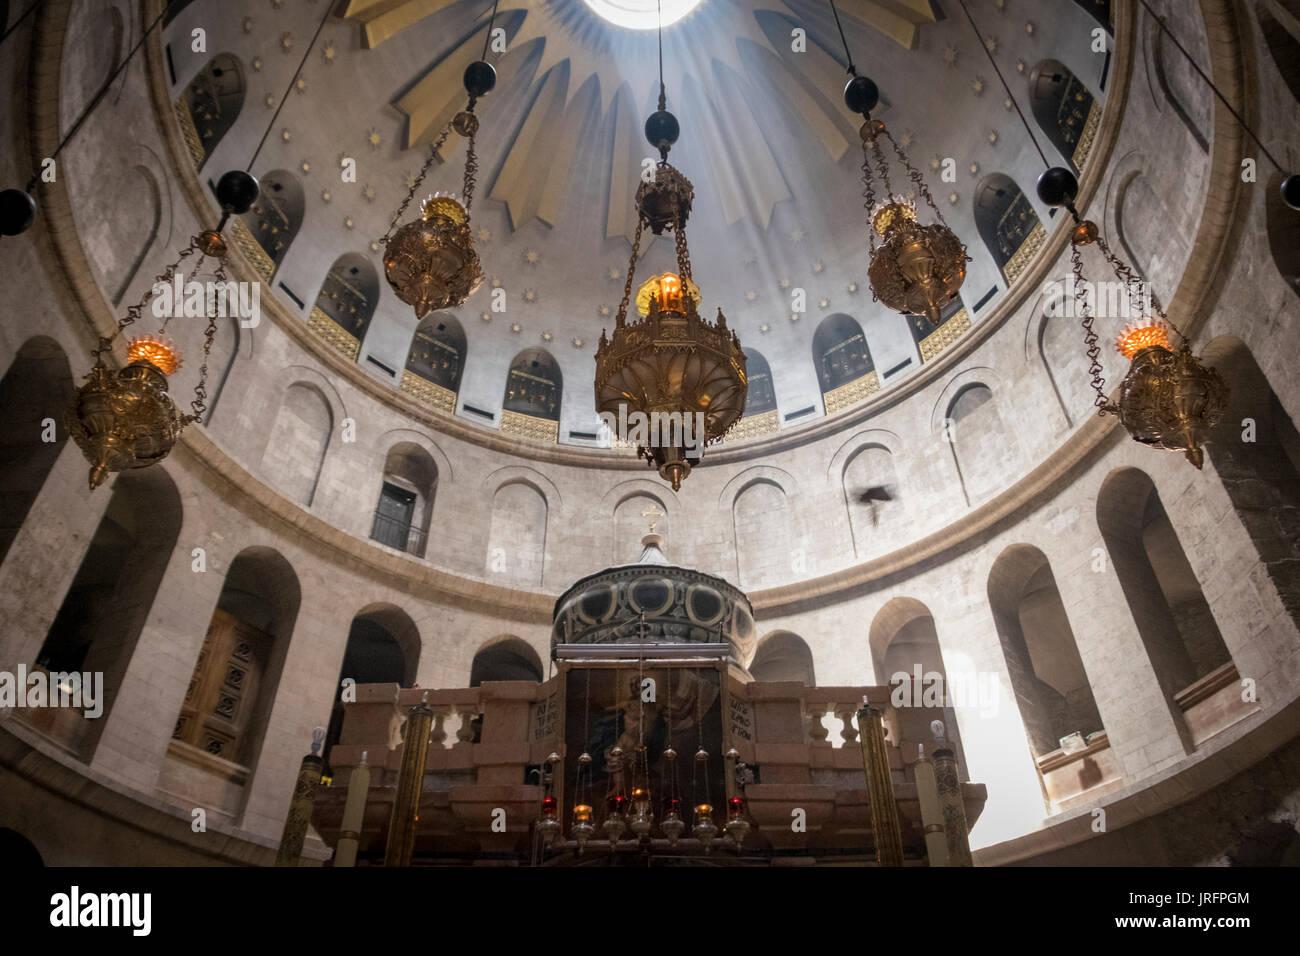 Cupola della sezione centrale della chiesa del Santo Sepolcro nella Città Vecchia di Gerusalemme con la luce del sole in streaming Immagini Stock